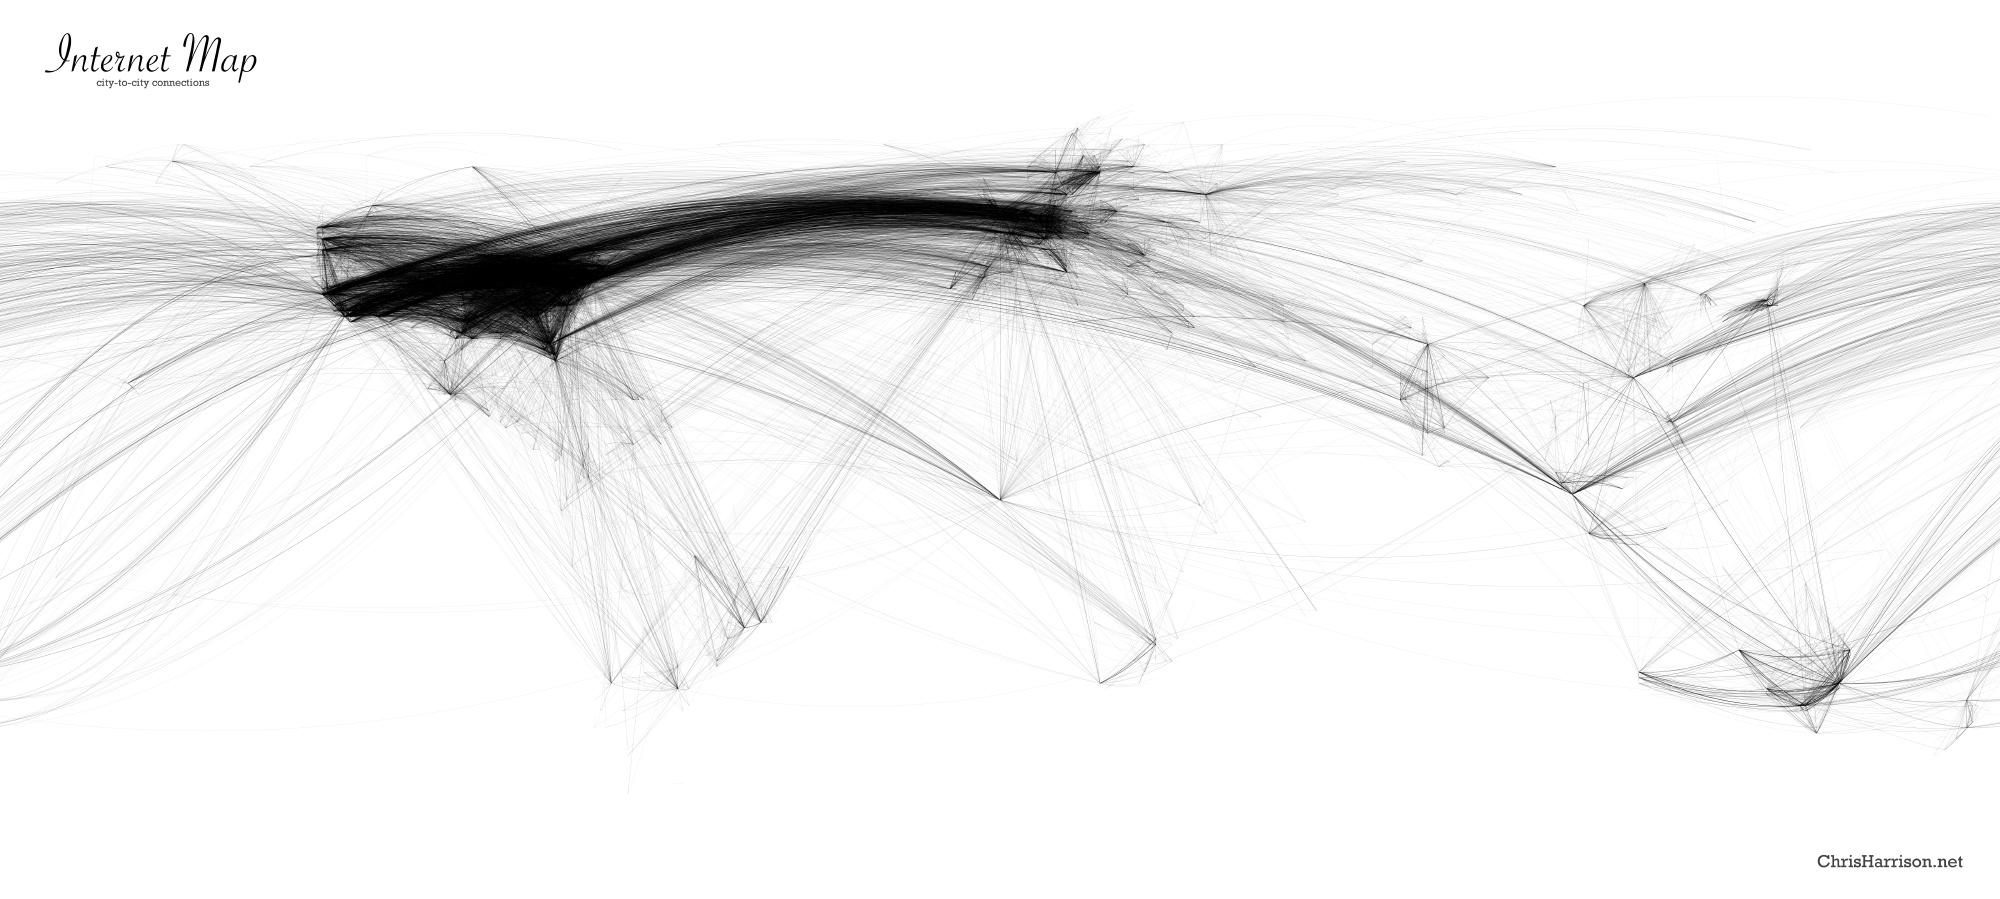 Eine virtuelle Zeichnung von Chris Harrison, auf der man die Datenströme zwischen den Kontinenten gut erkennen kann.